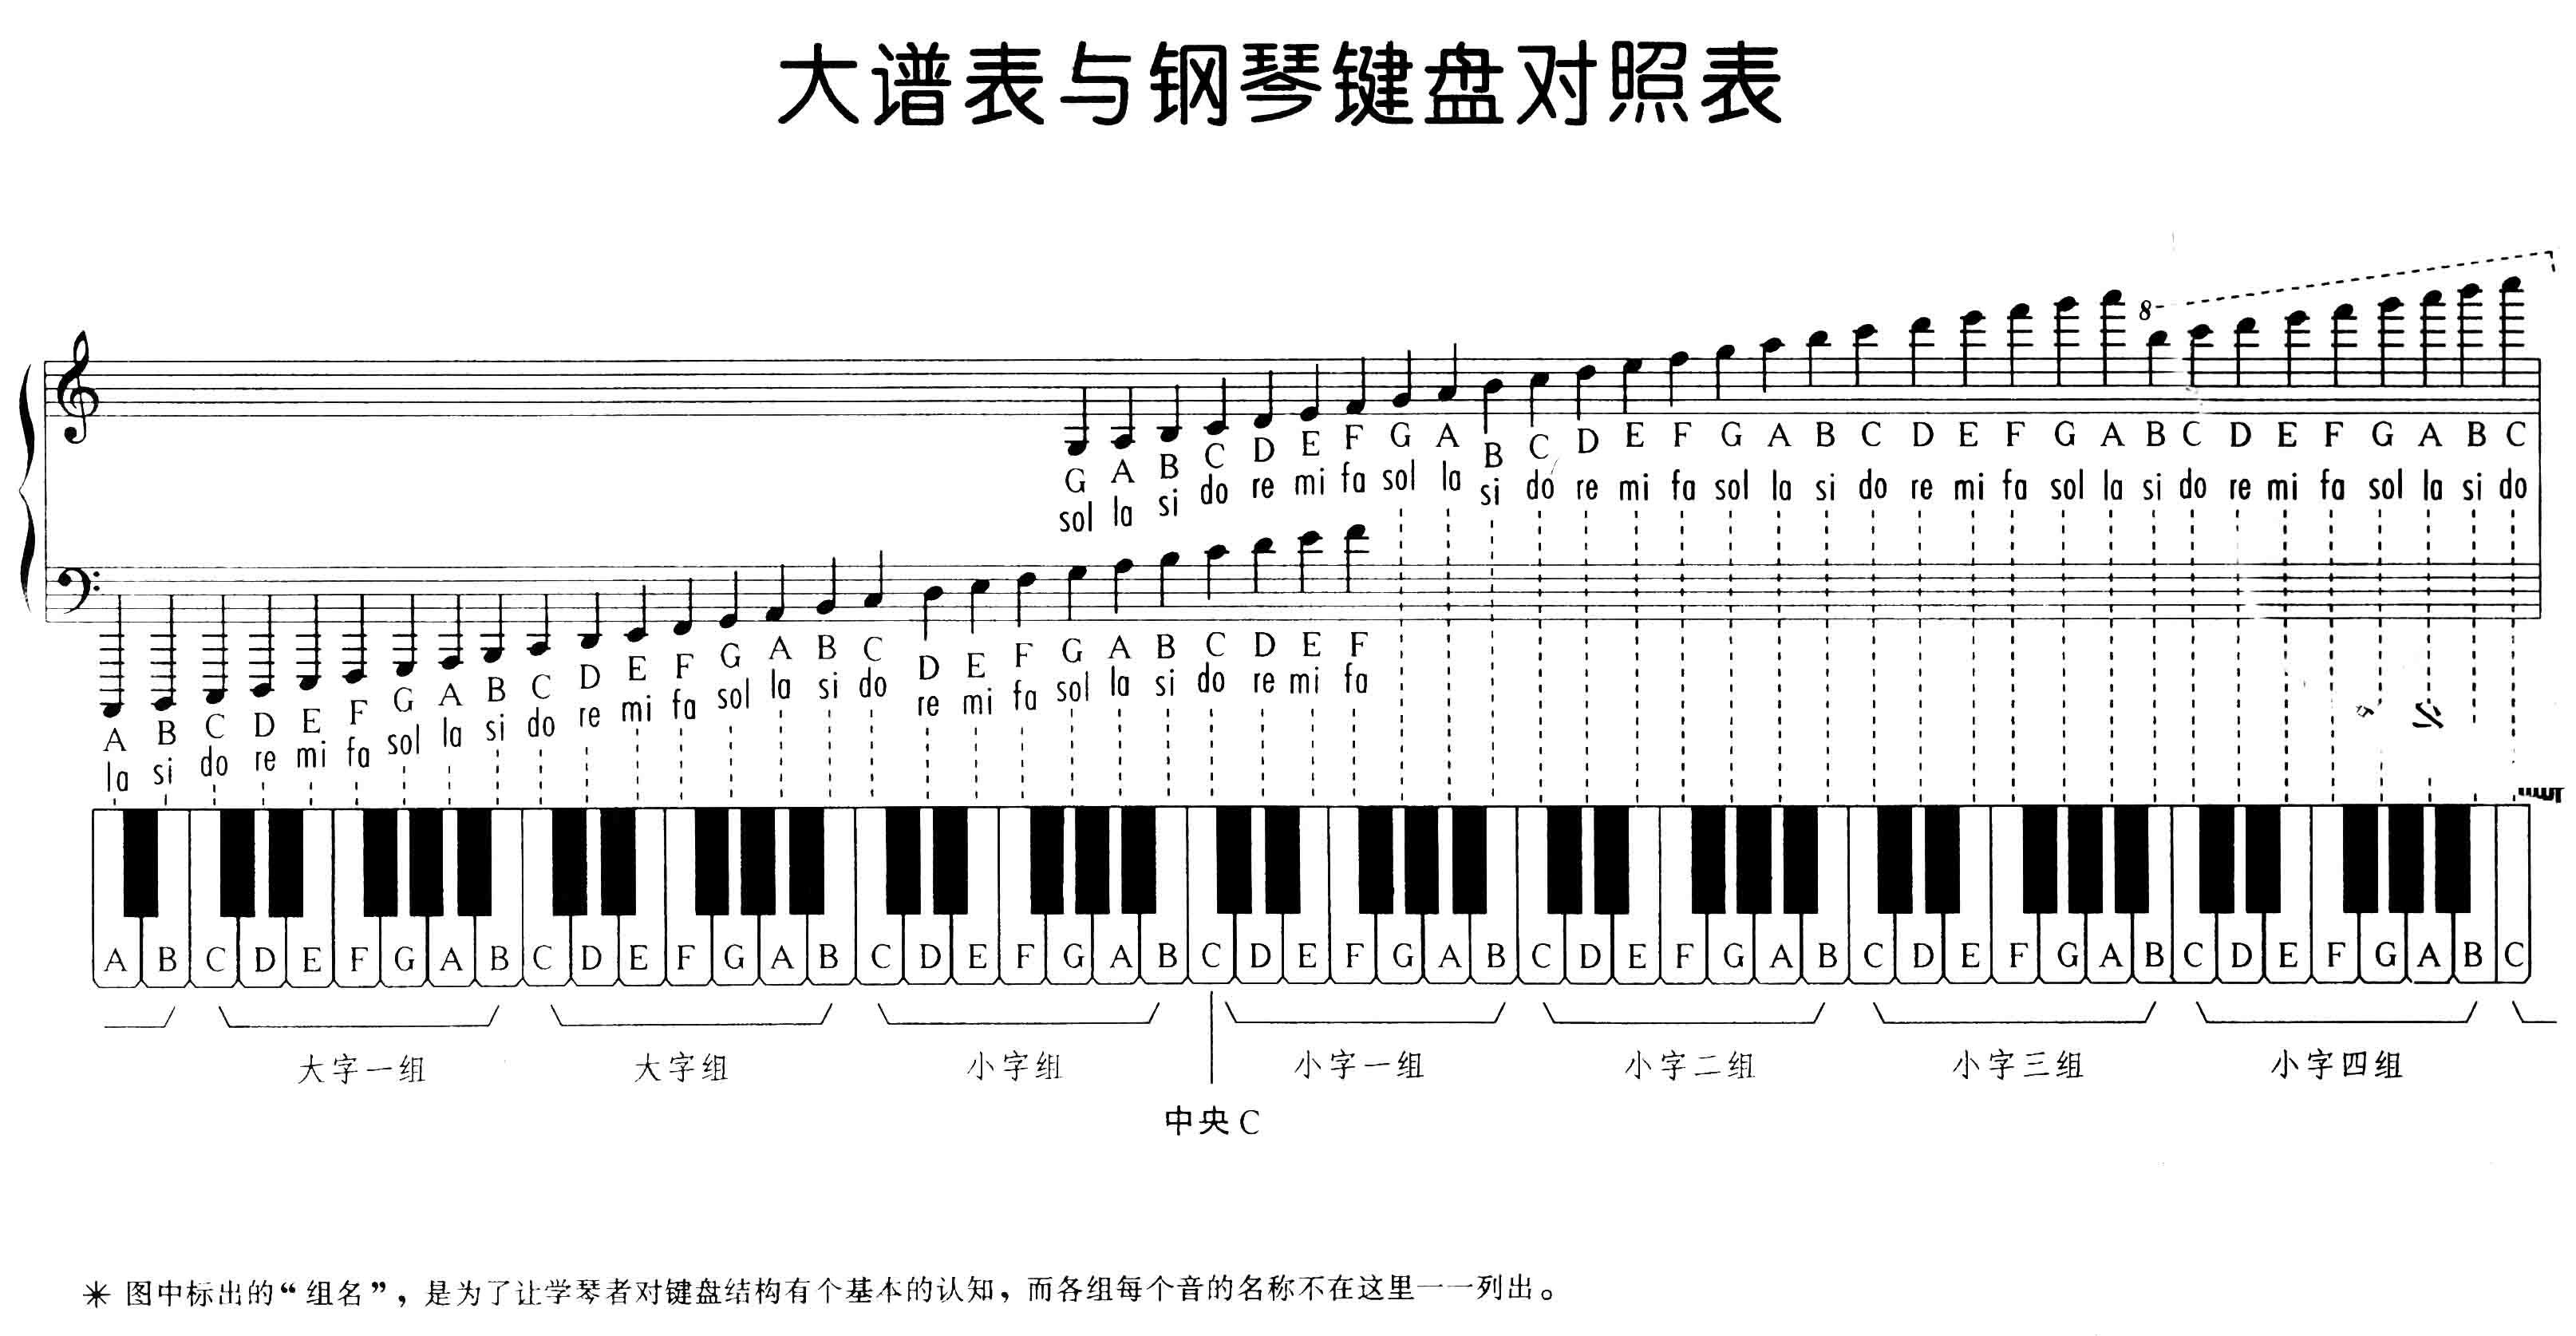 五线谱学习图,高音谱表